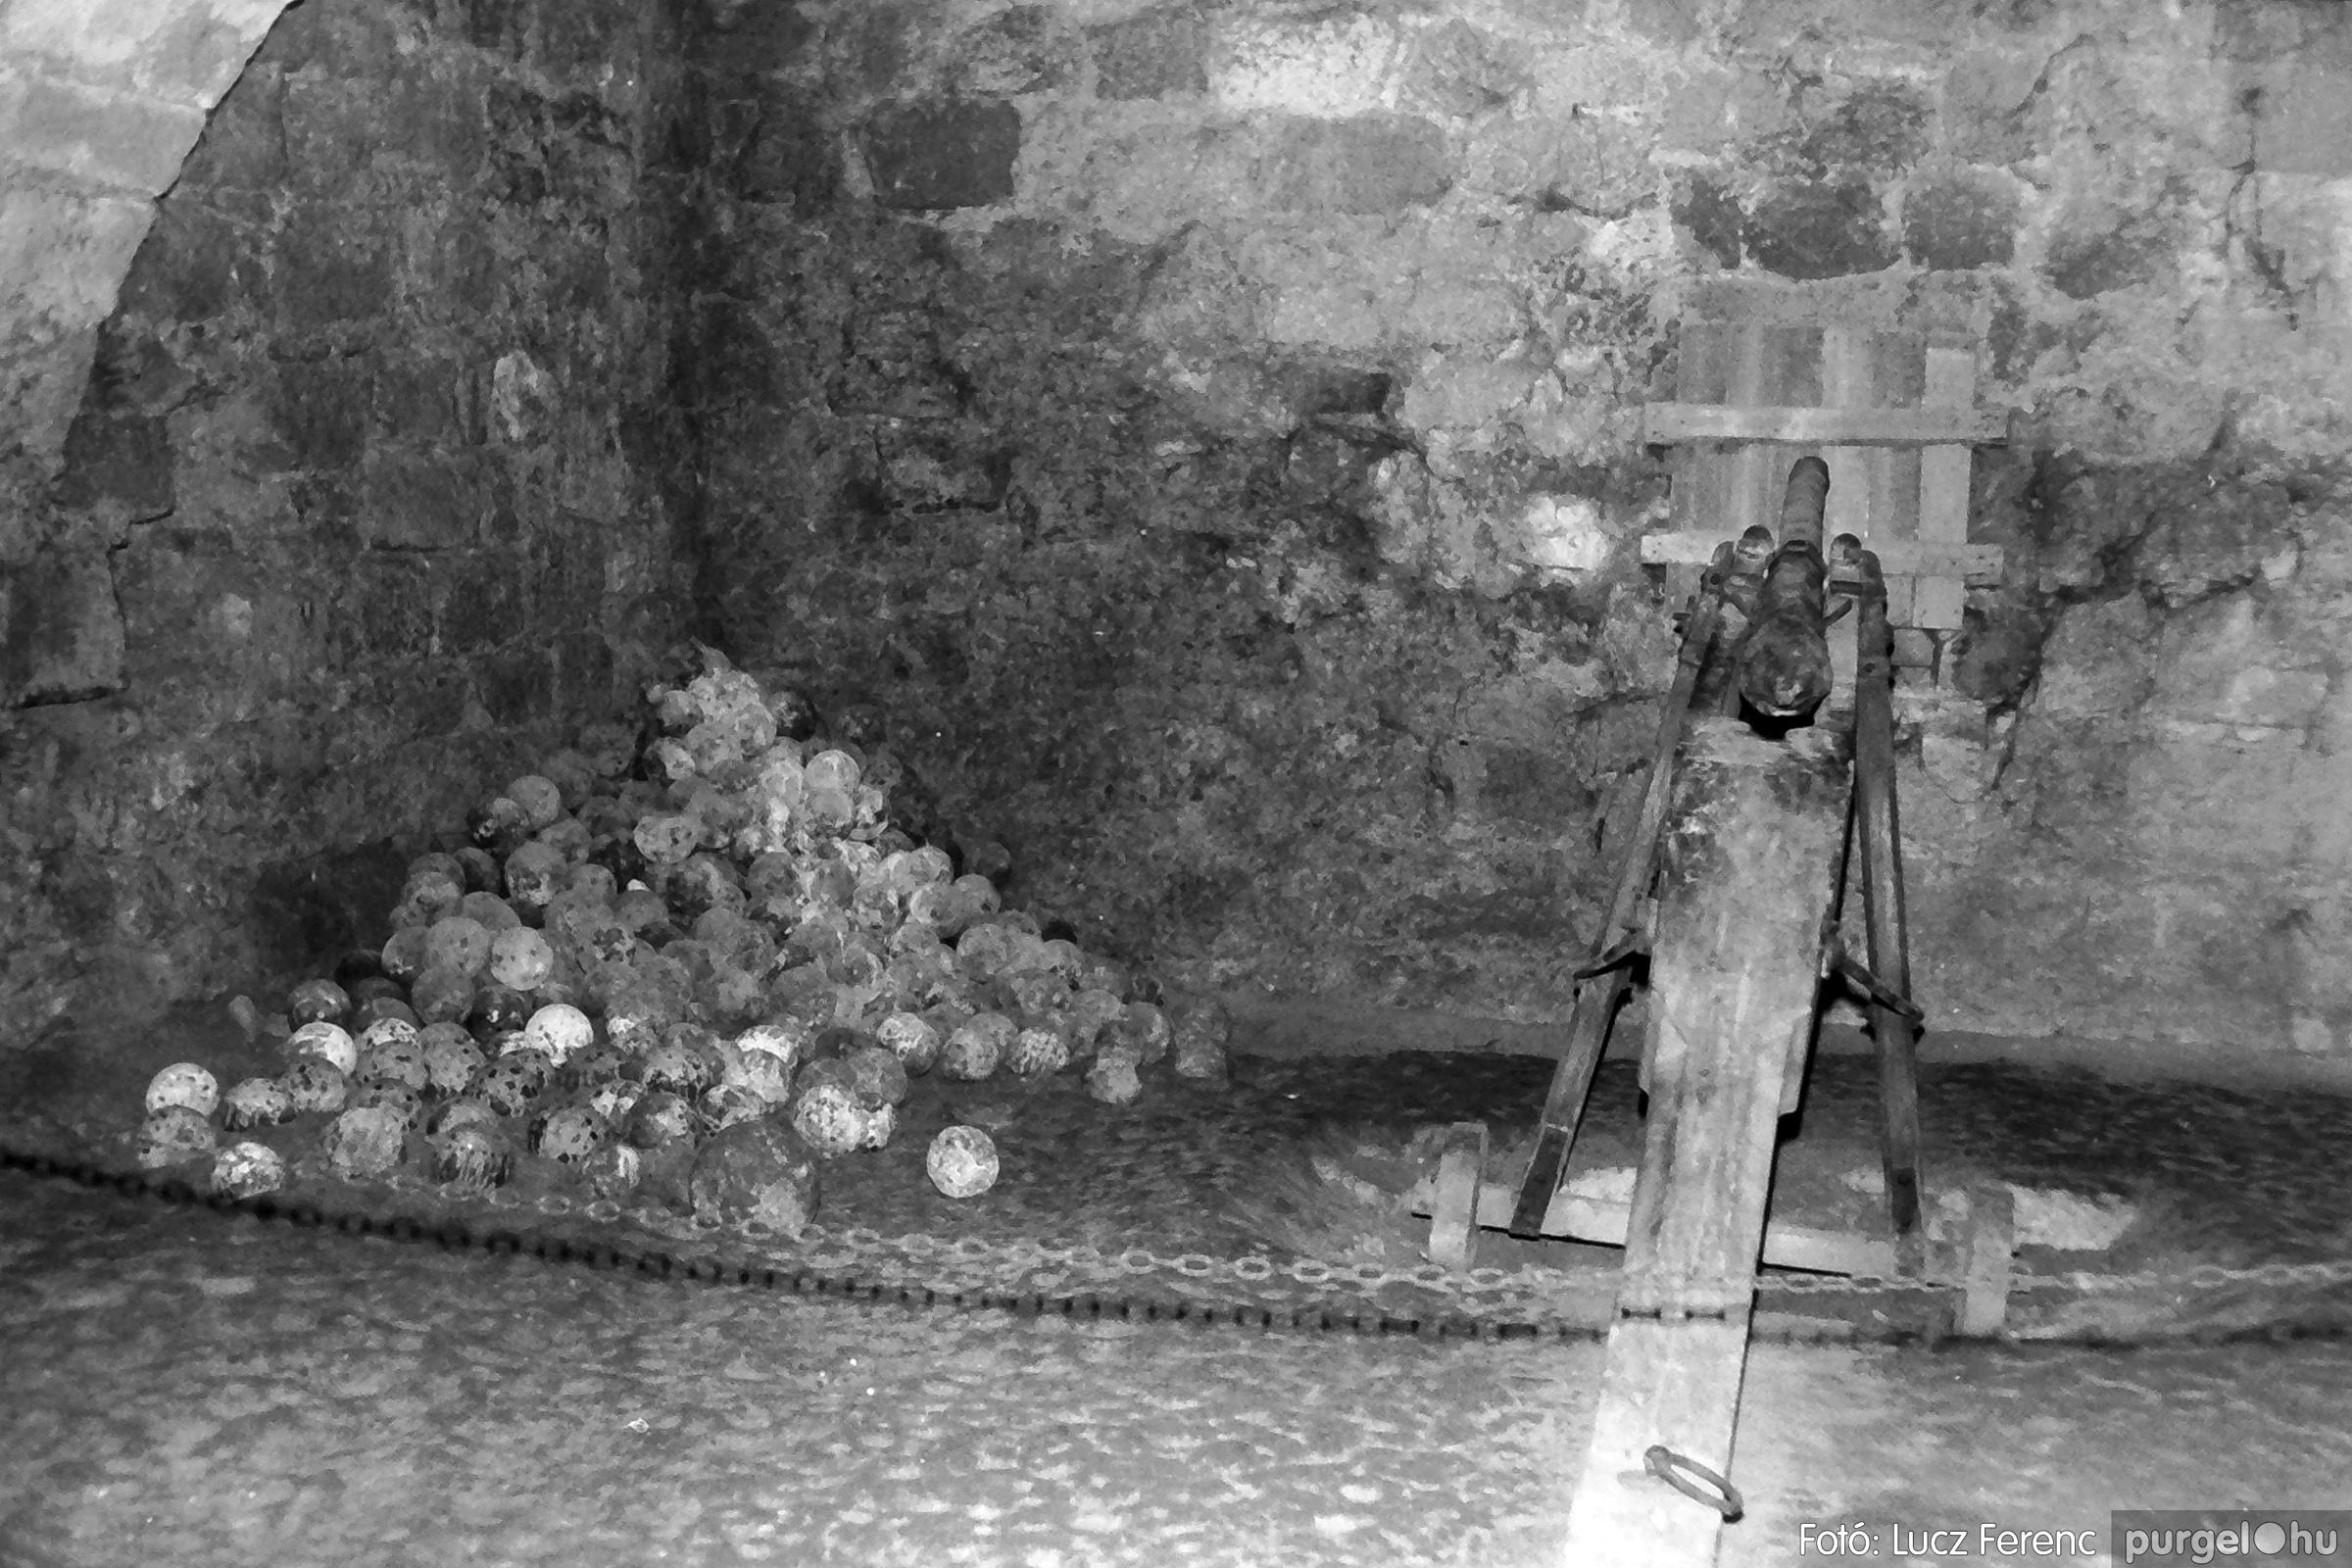 086, 088. 1977. Nyári tábor a Mátrában 020. - Fotó: Lucz Ferenc.jpg